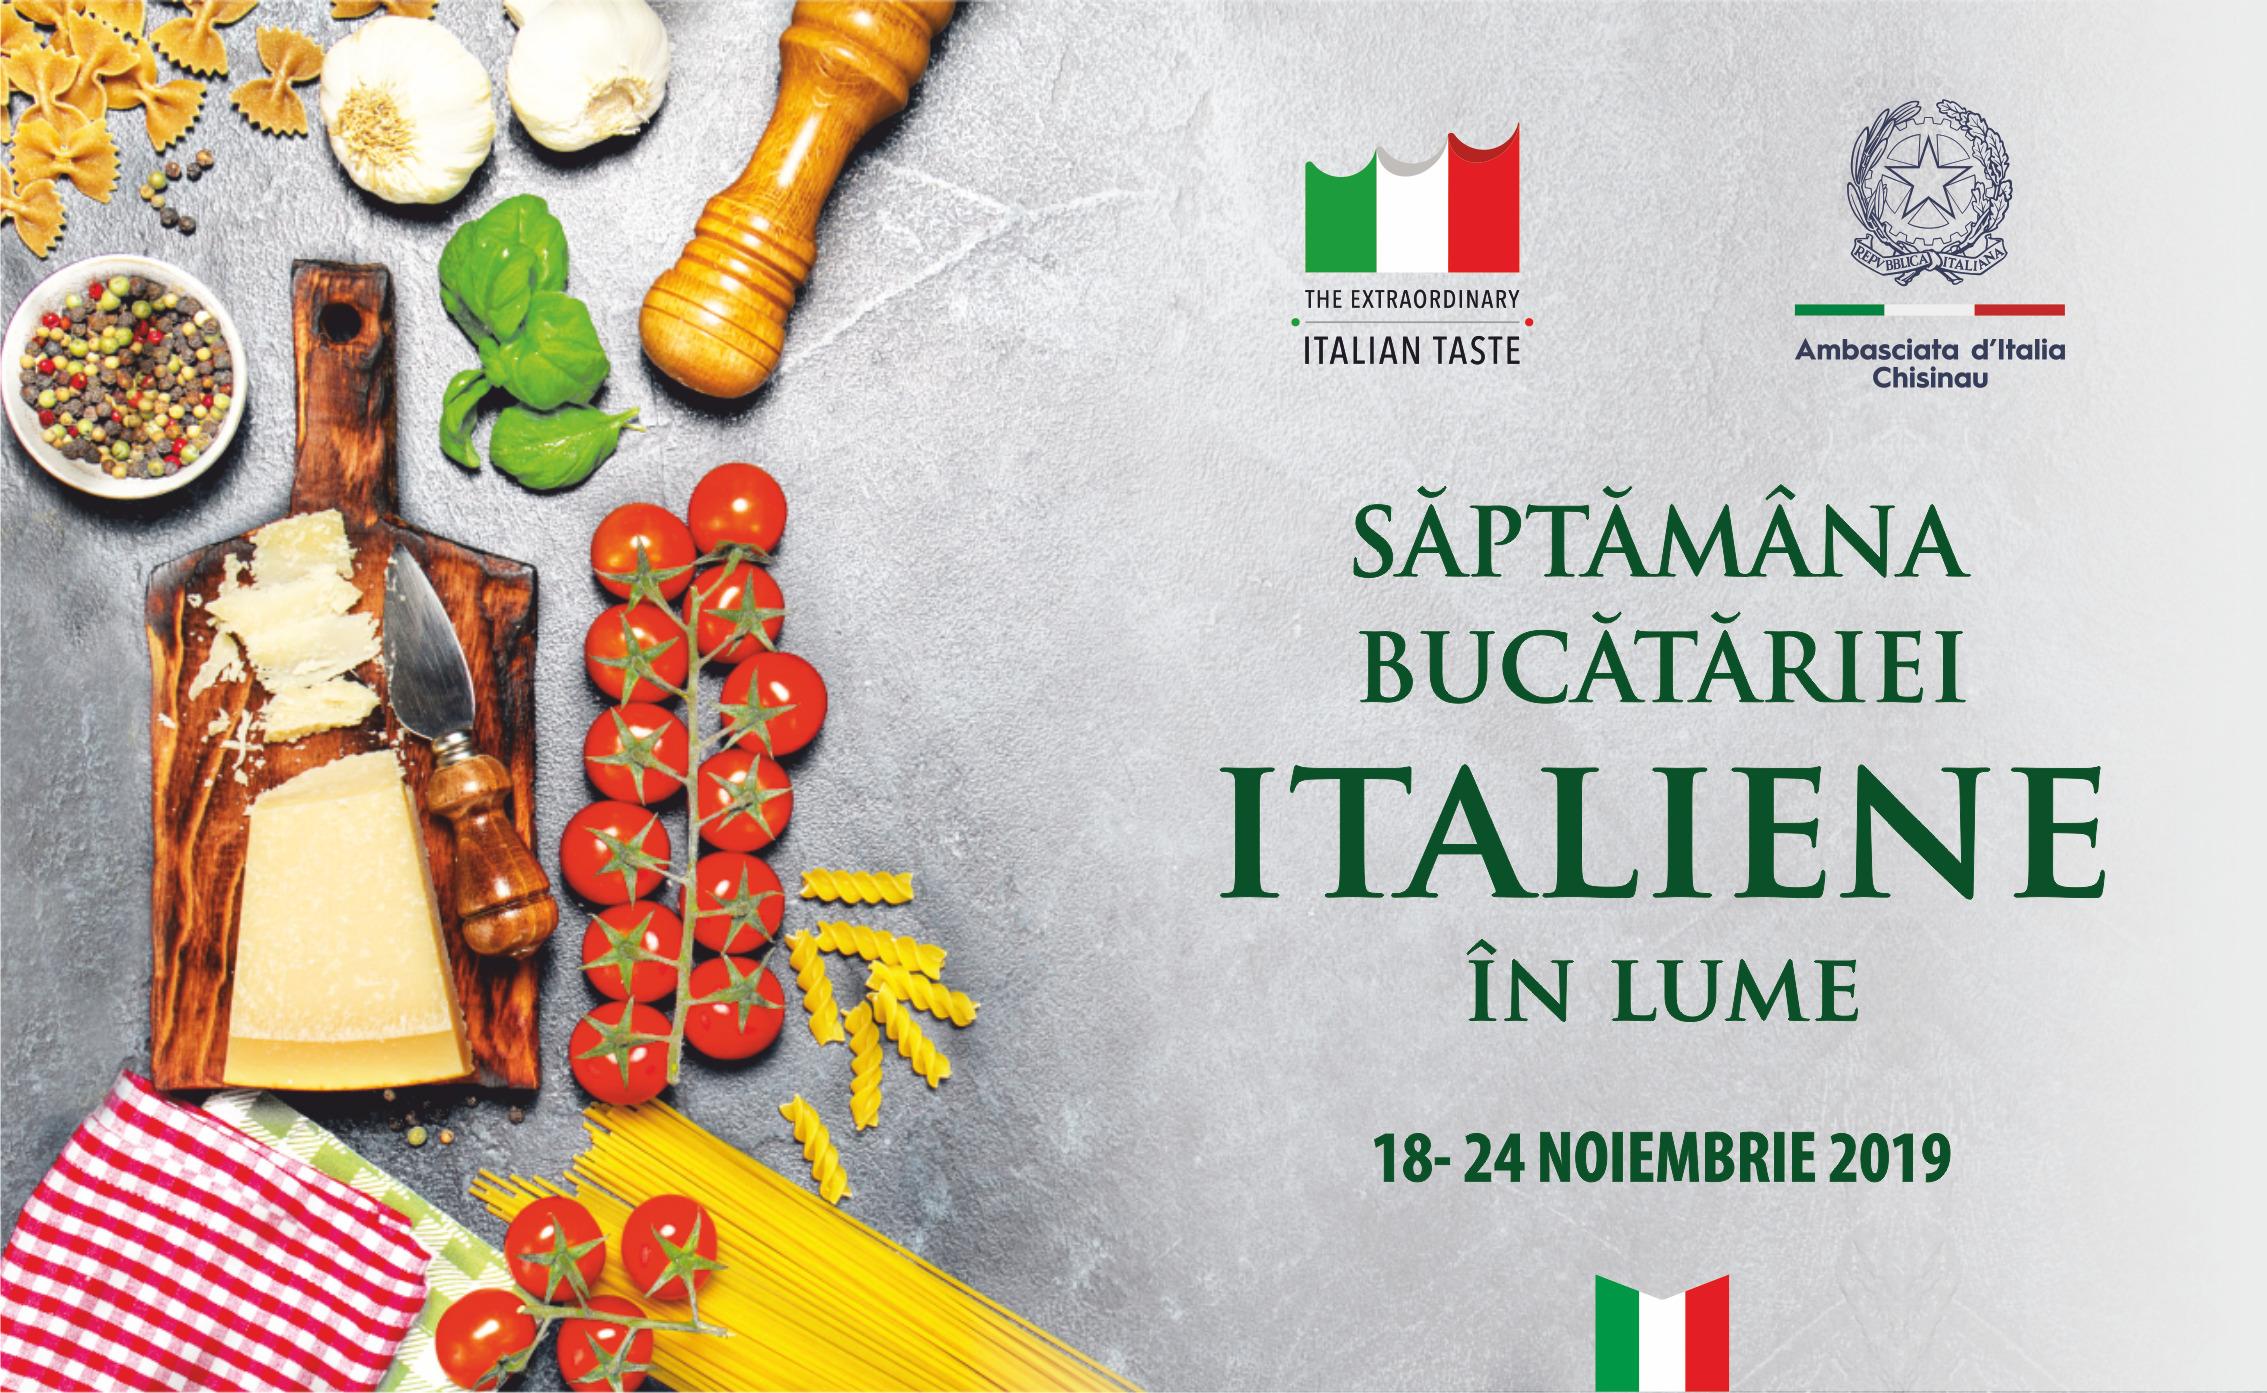 Vizual Săptămîna bucătărei Italiene